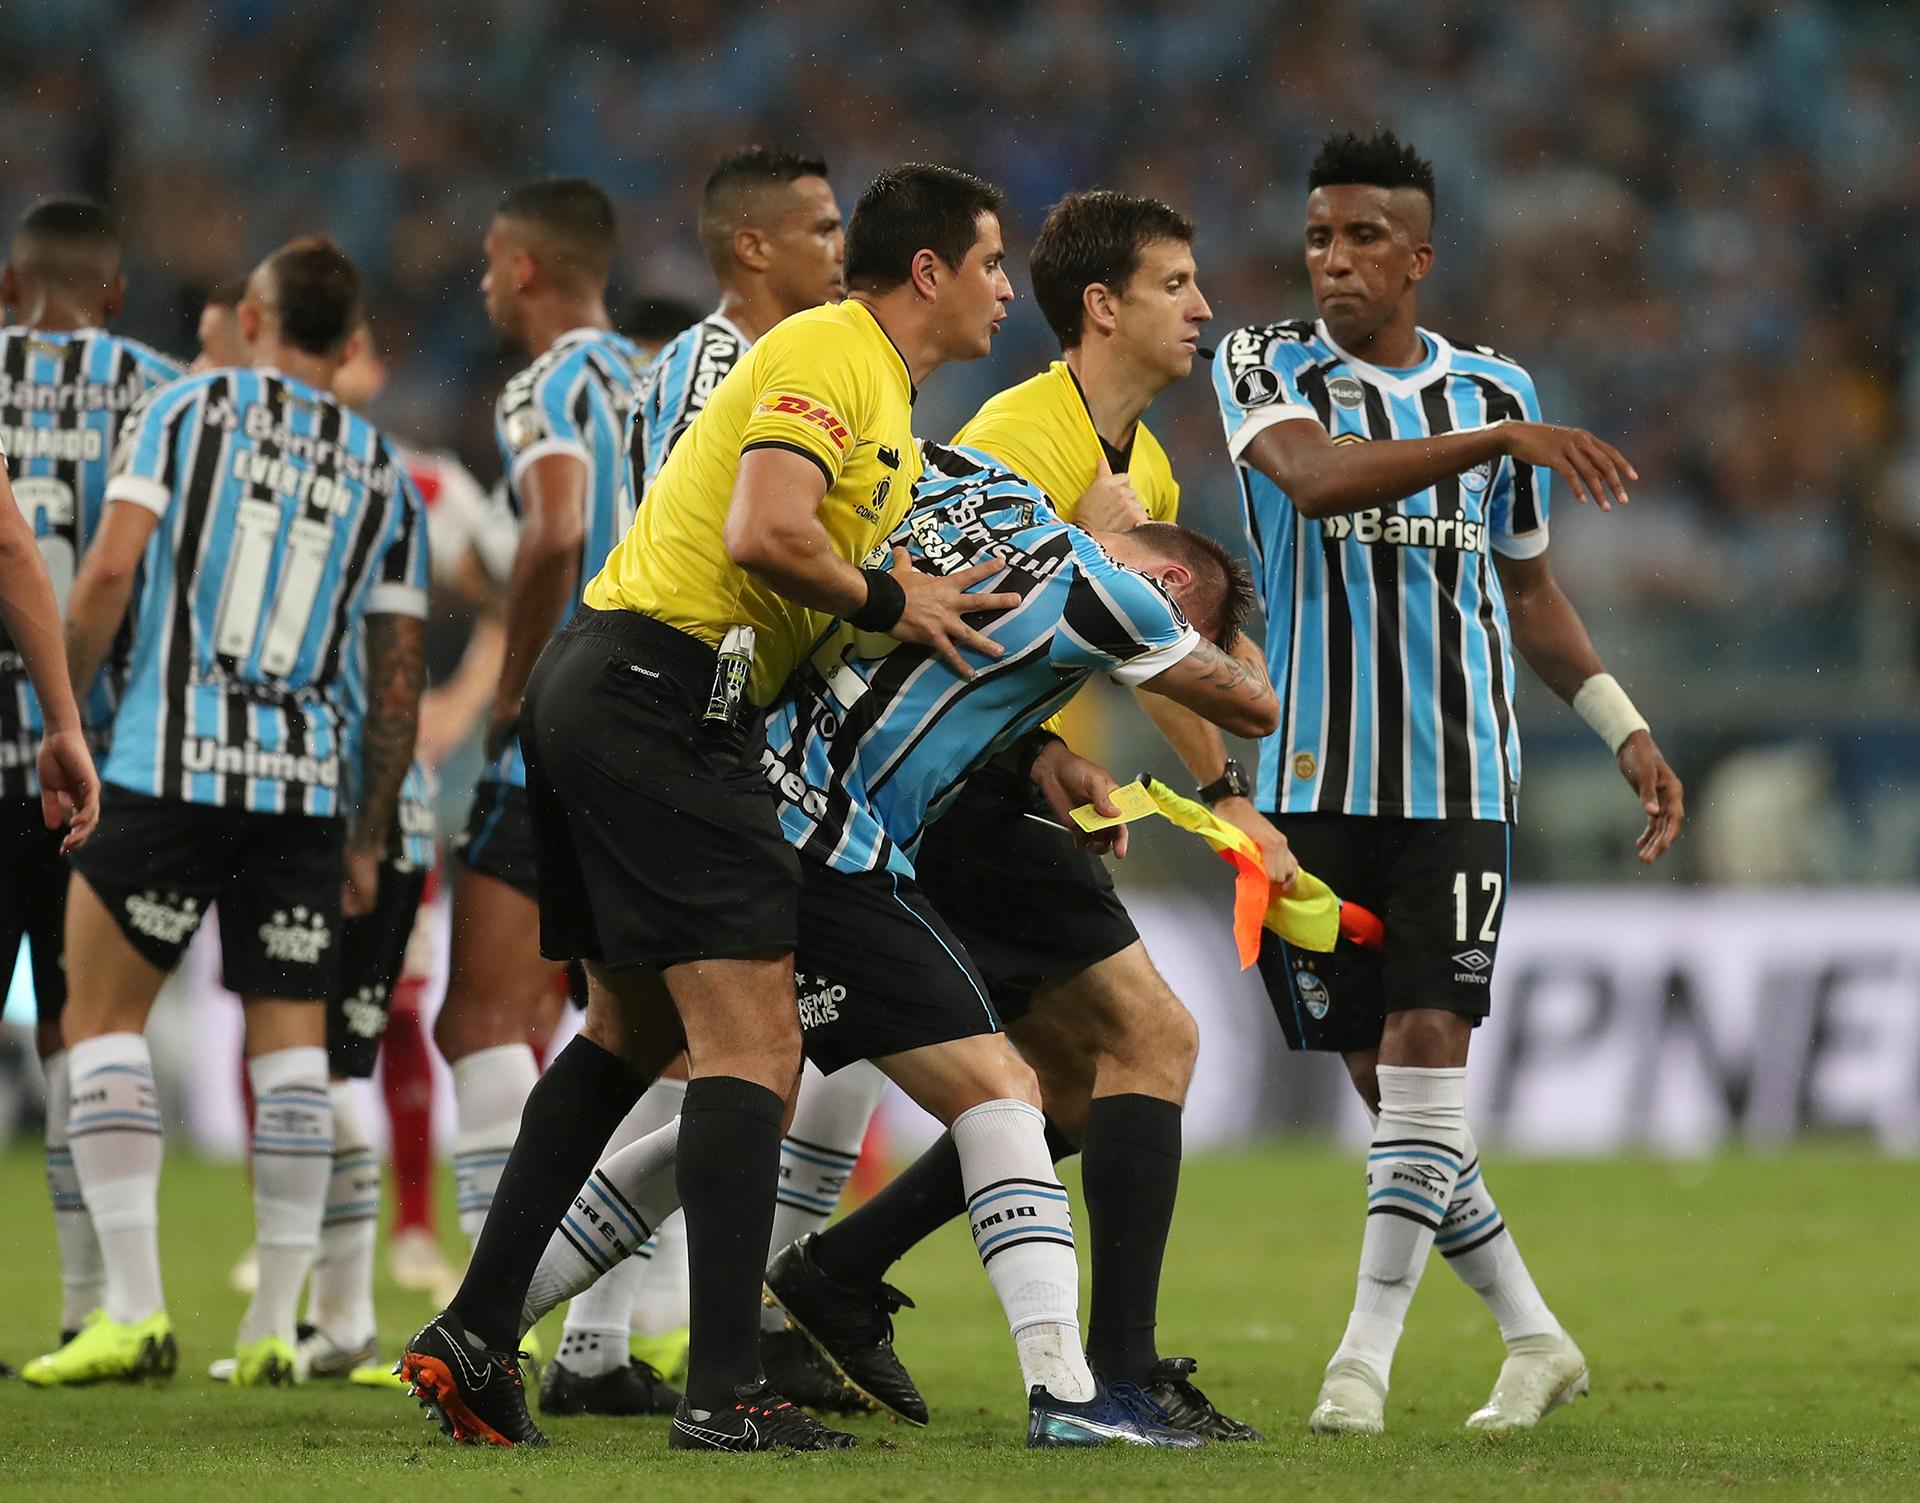 Los jugadores de Gremio de Porto Alegre le reclamaron al árbitro el cobro del penal que luego River convirtió para ganar el partido y clasificarse a la final, mediante el VAR(REUTERS)